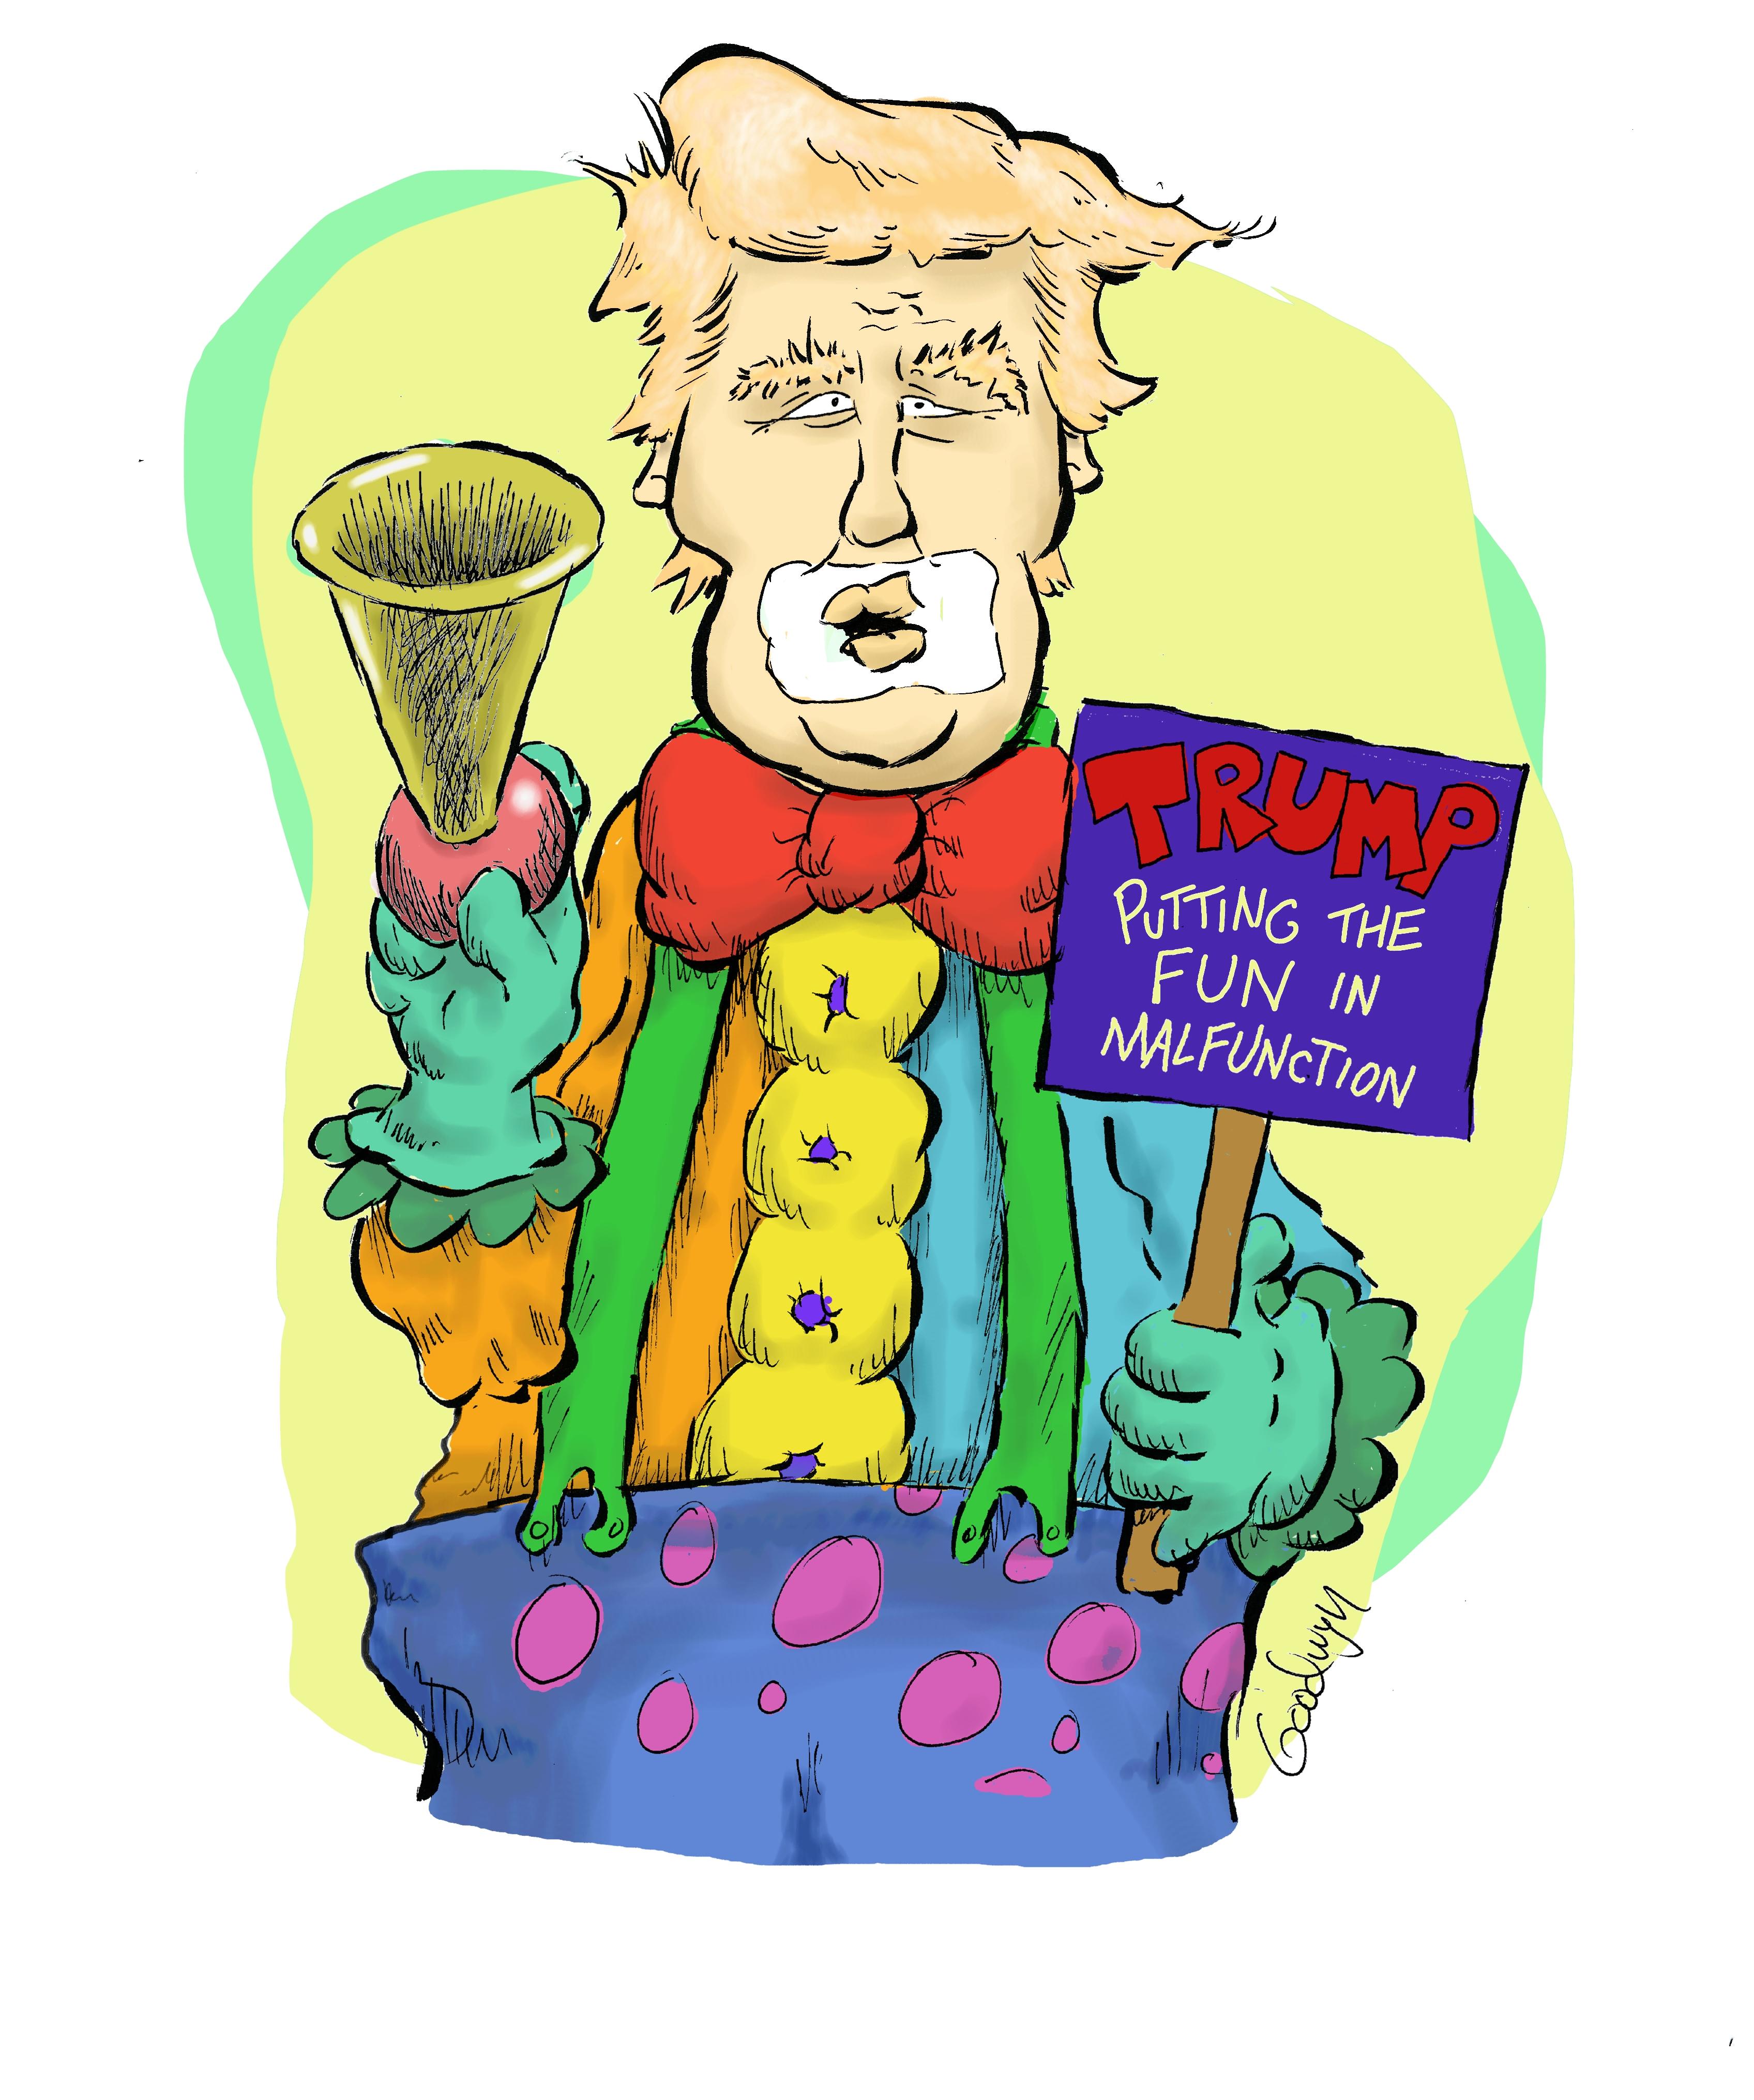 Trump 2016.JPG